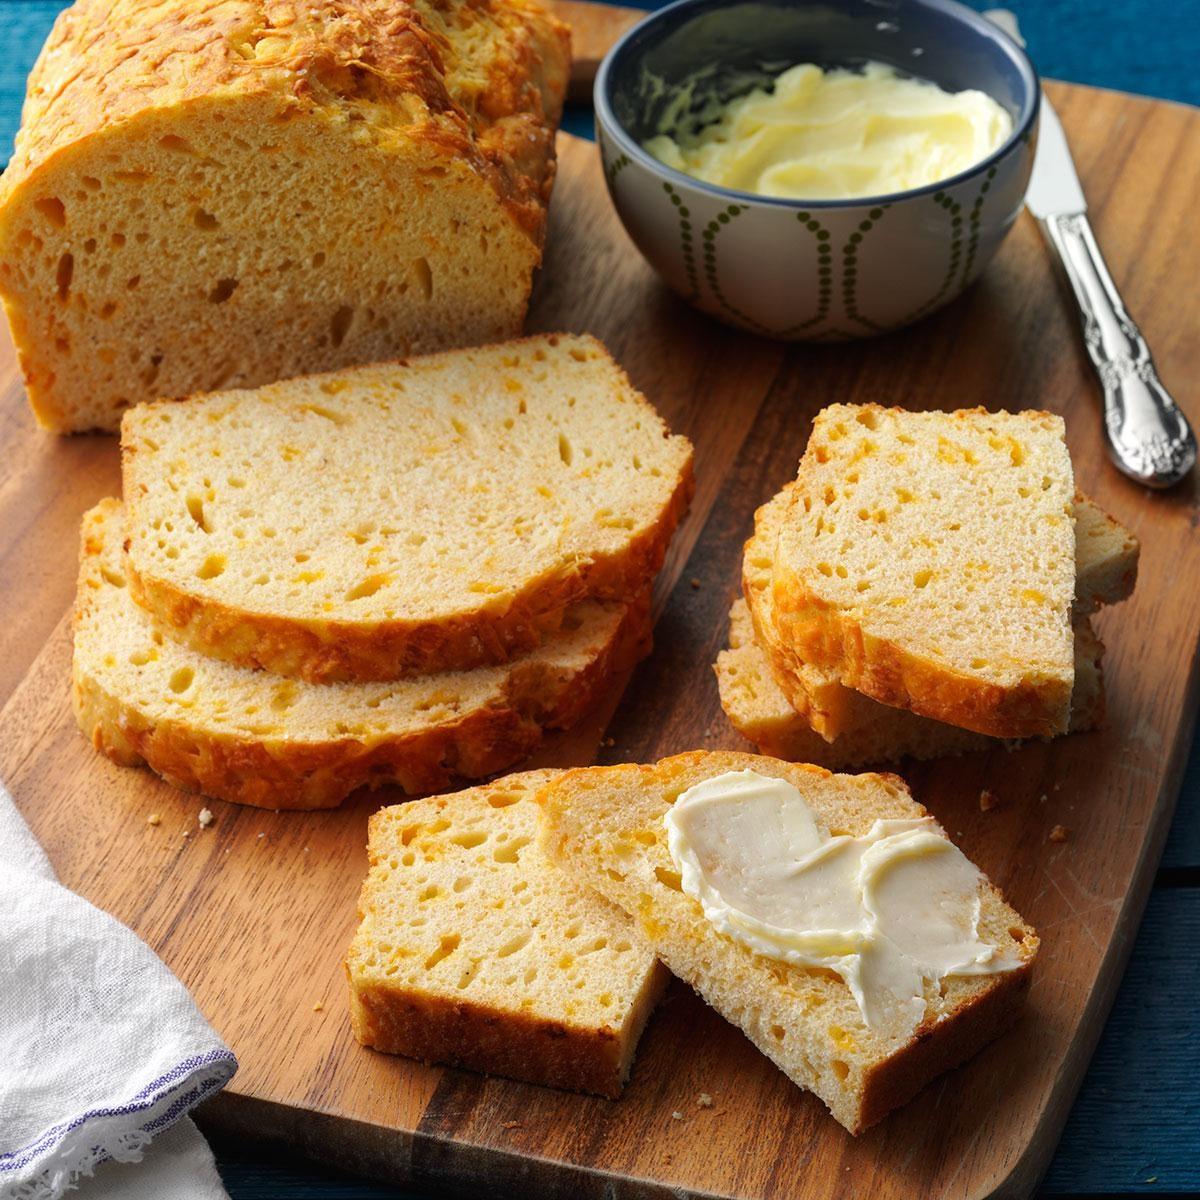 10 No-Knead Bread Recipes You'll Make Again and Again